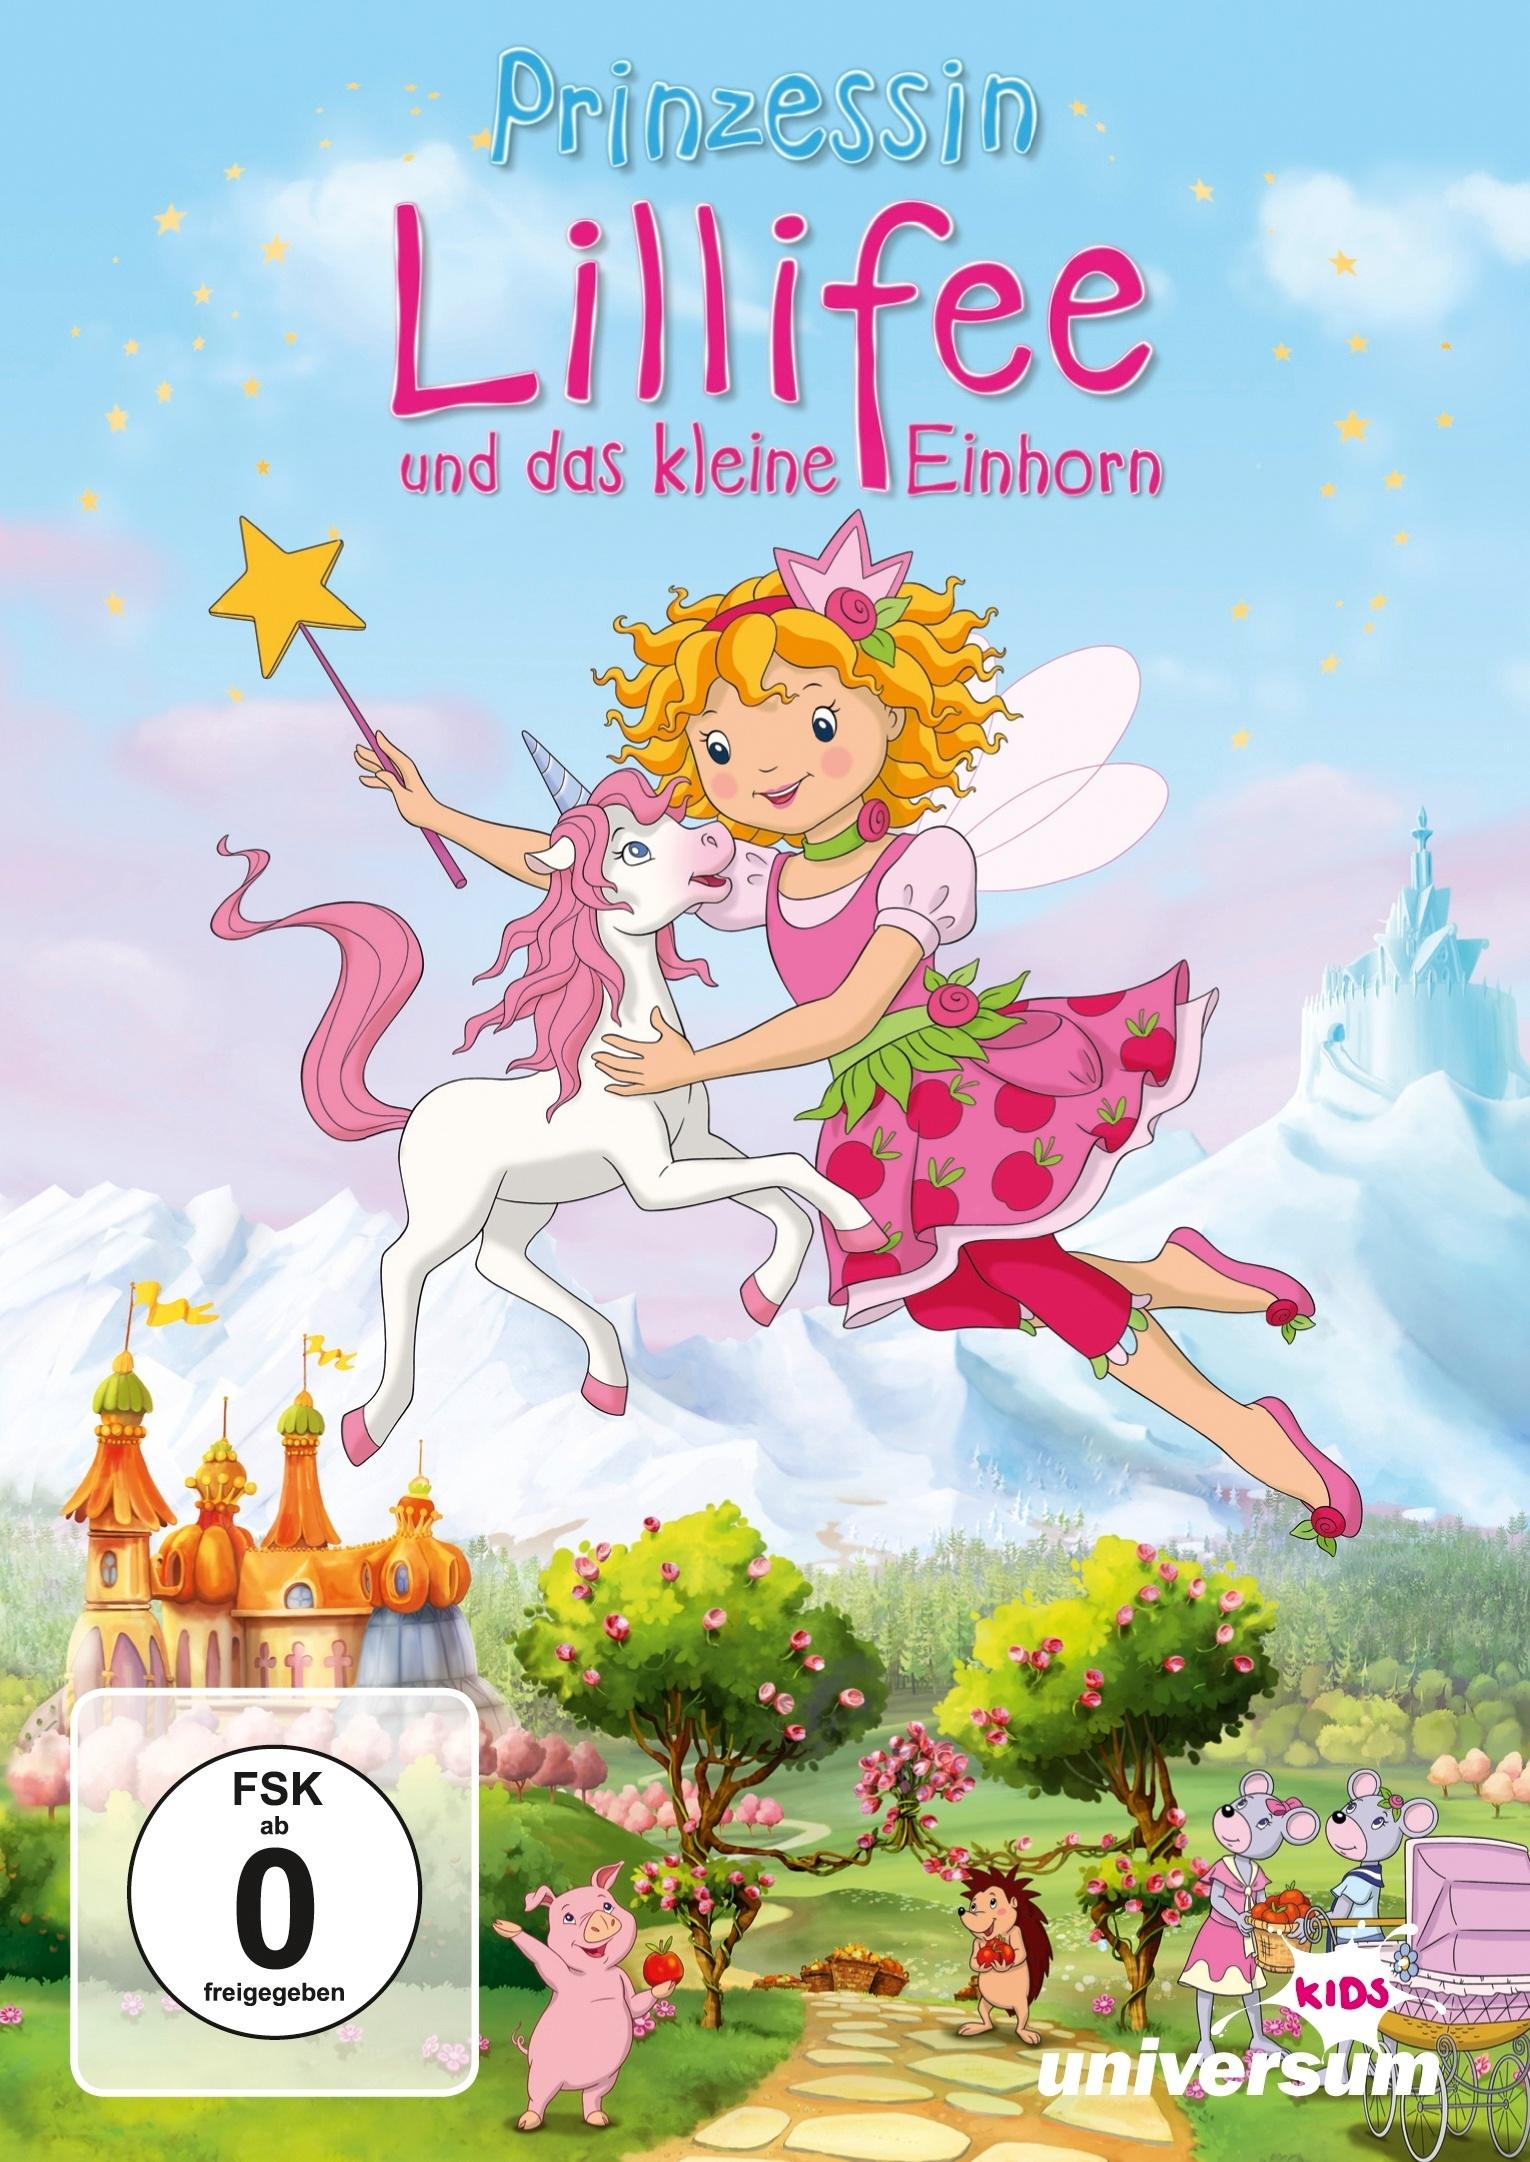 Image of Prinzessin Lillifee und das kleine Einhorn